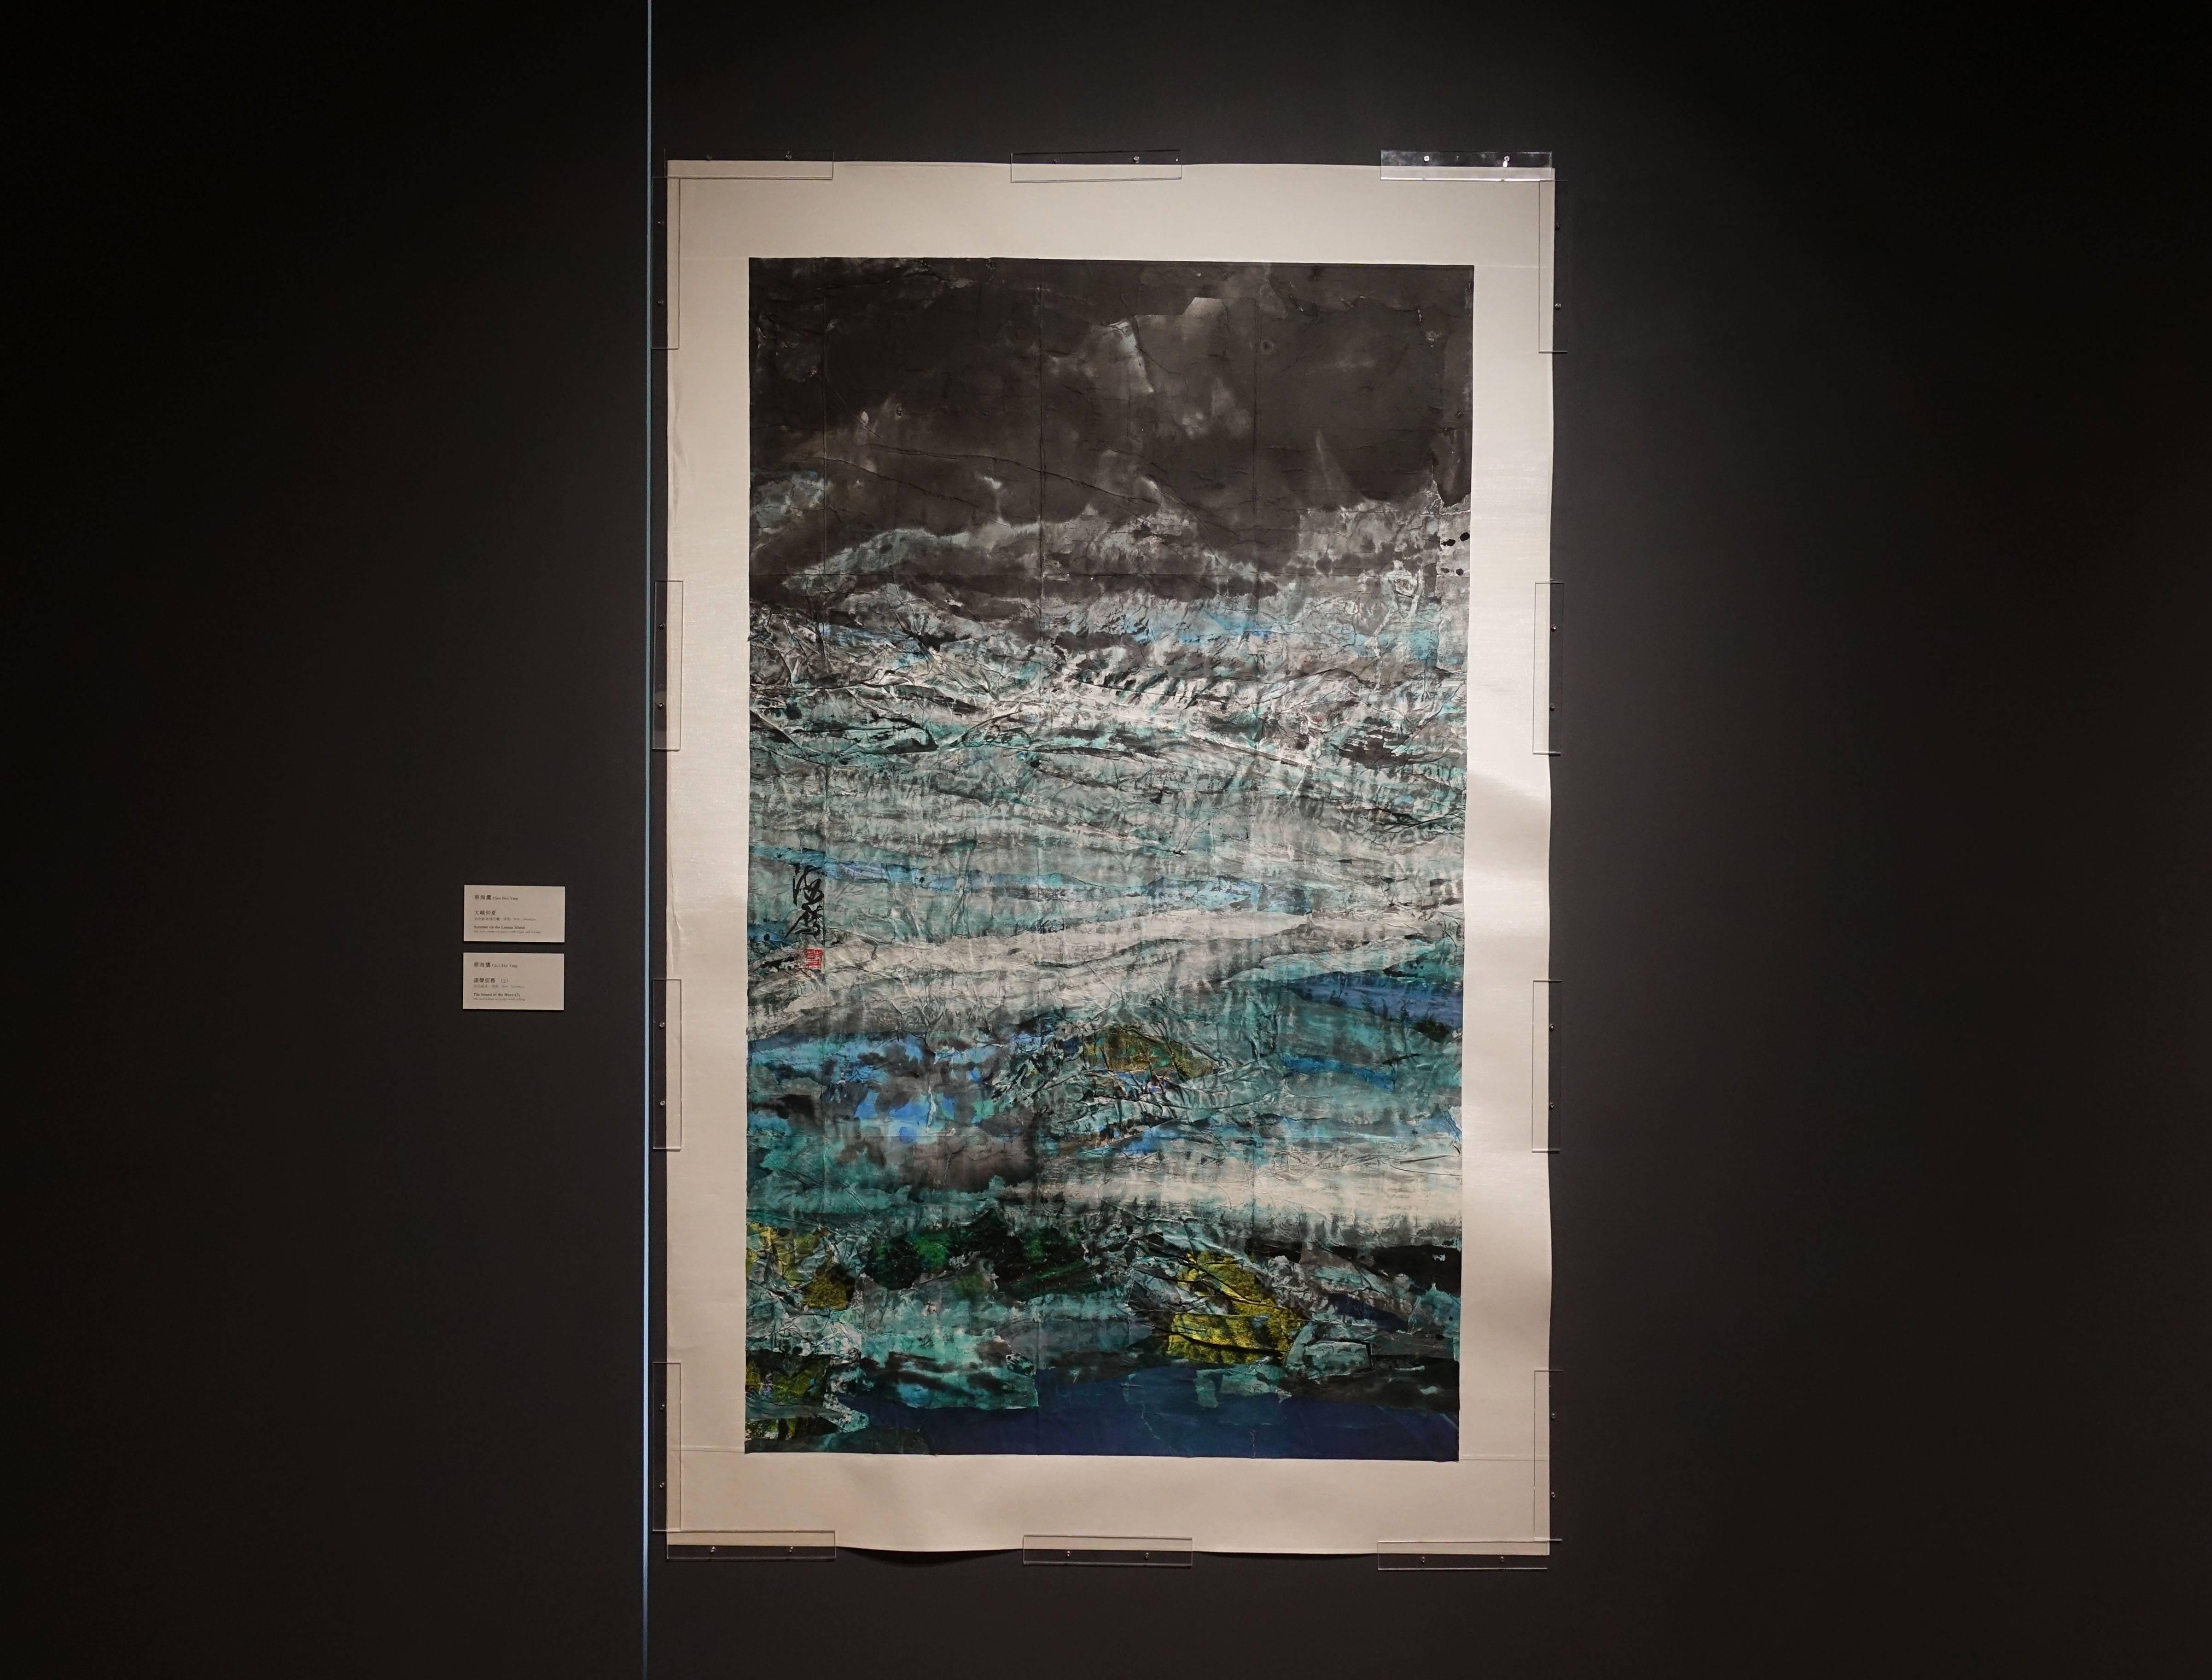 蔡海鷹,《大嶼仲夏》,設色紙本淺浮雕、拼貼,2016。